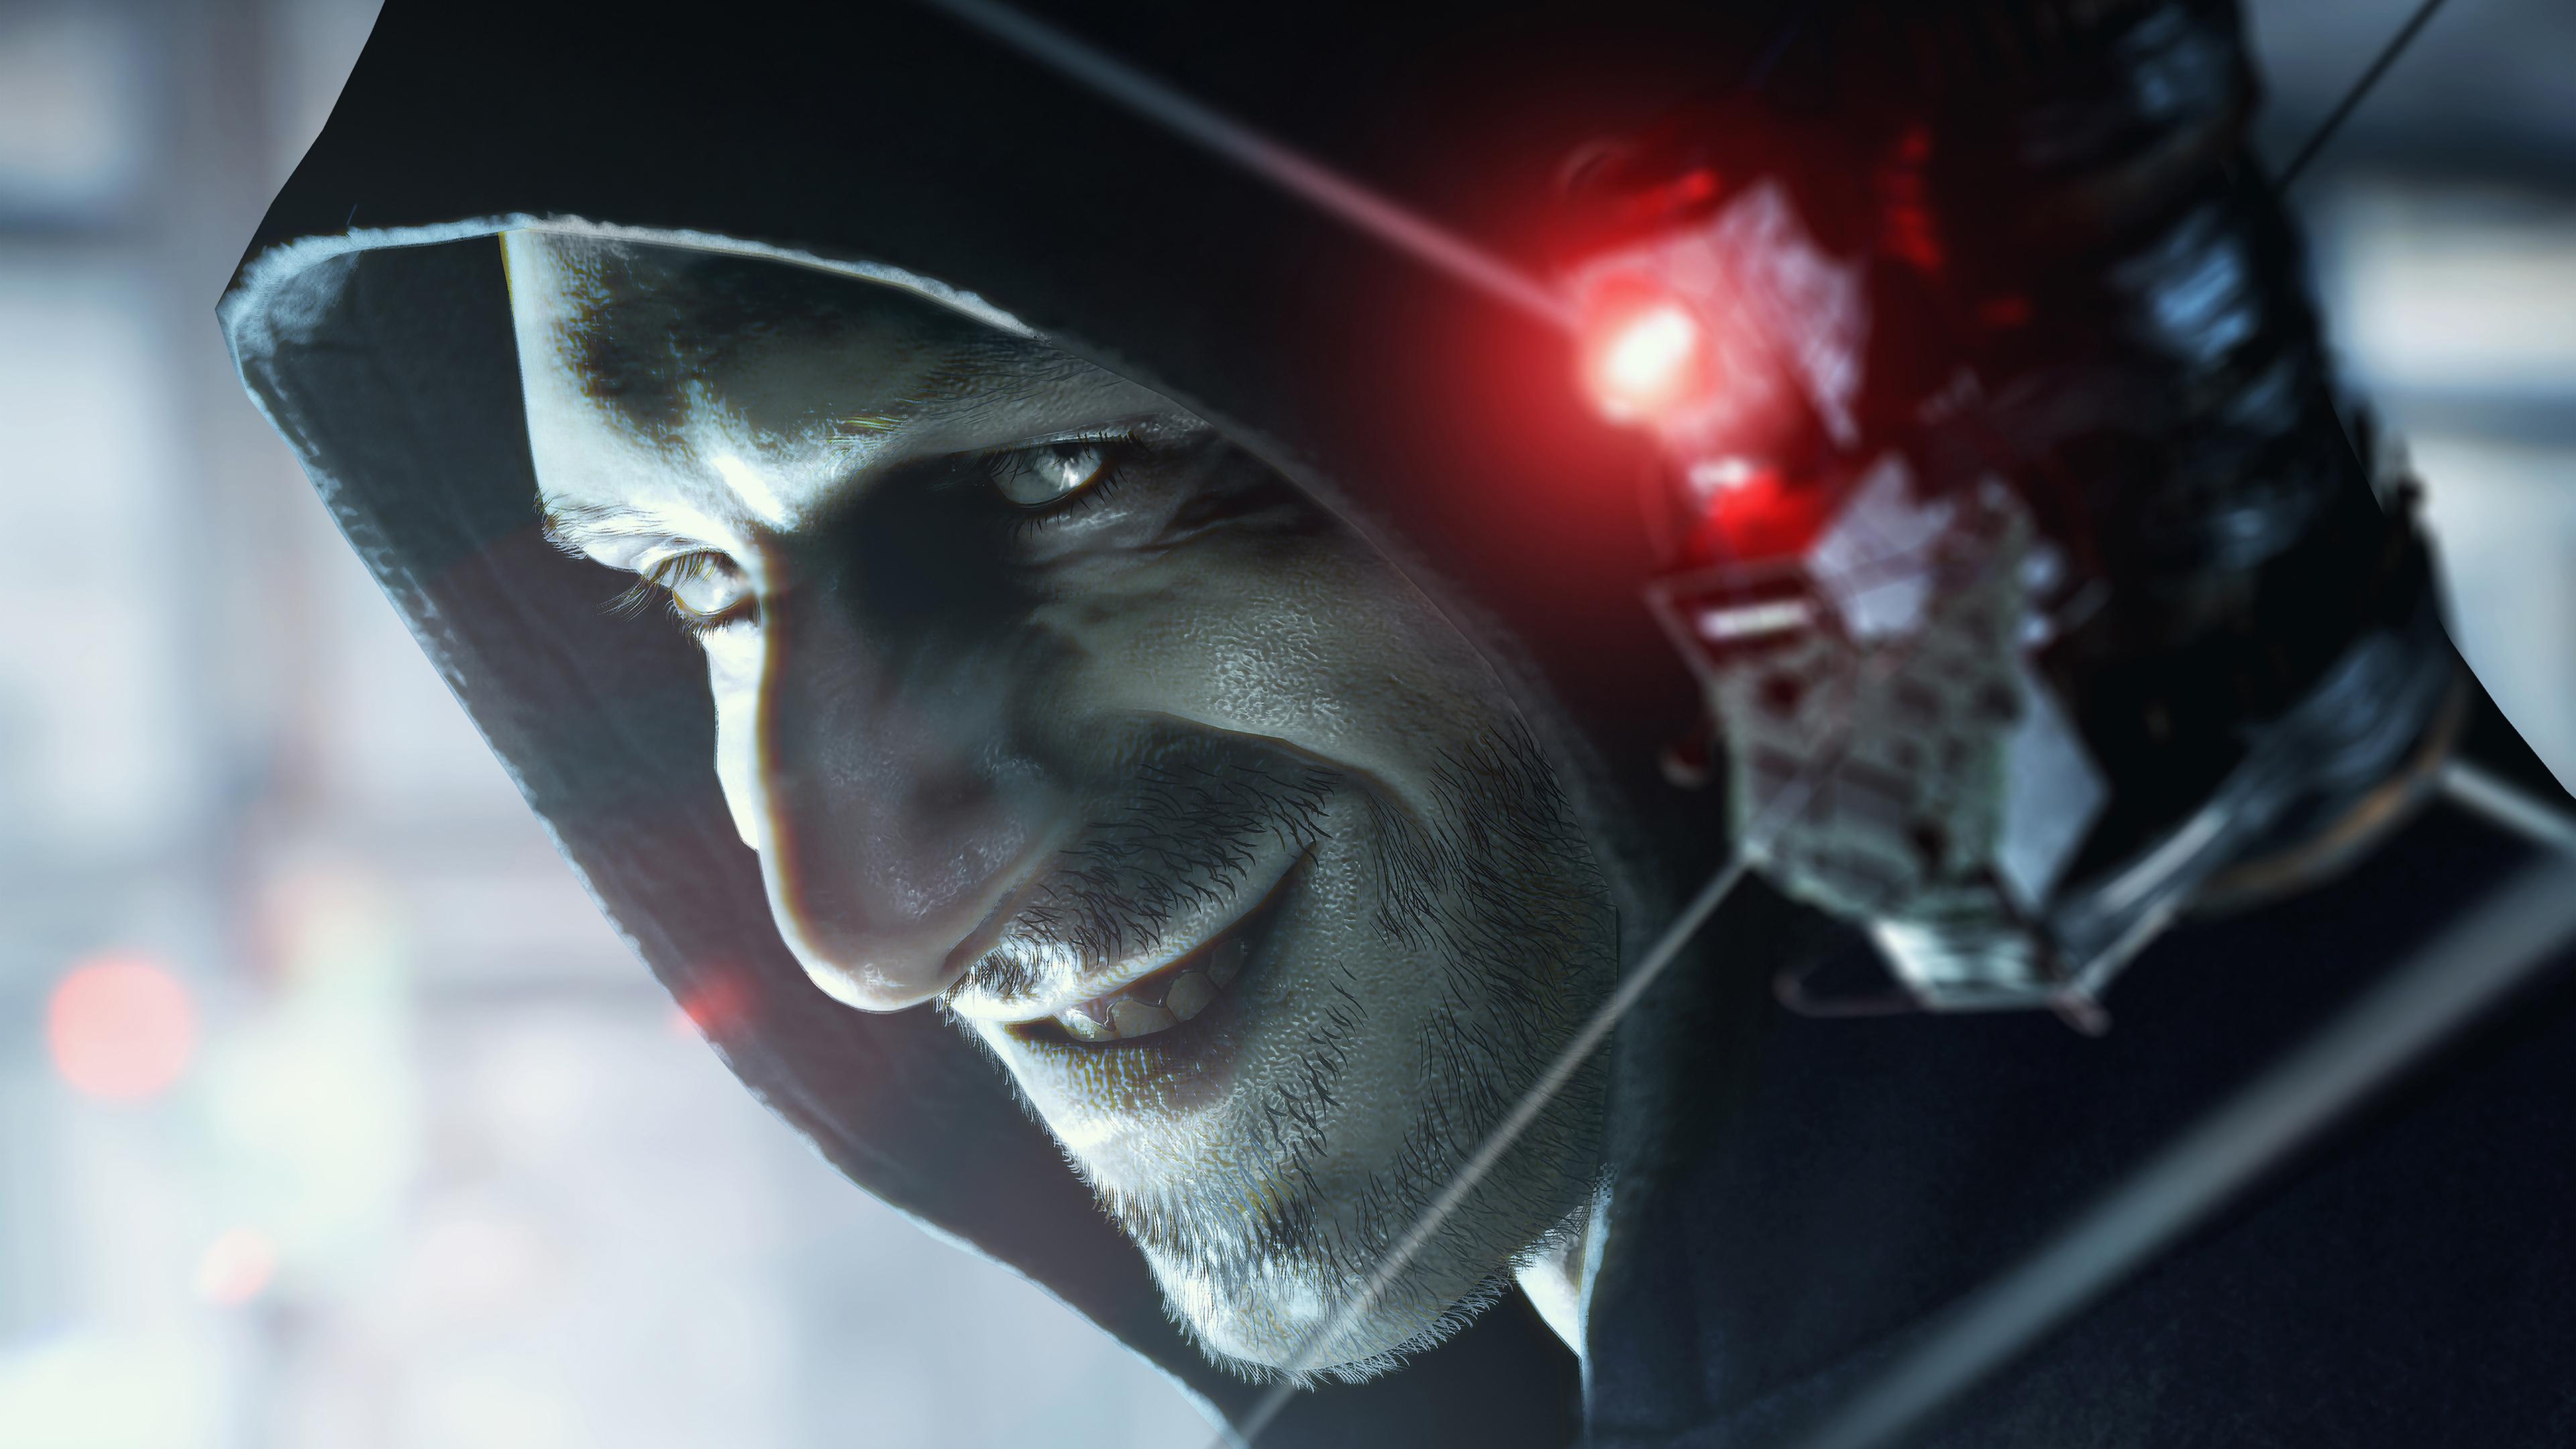 Resident Evil 7 Hd Wallpaper: Lucas Baker Resident Evil 7 Biohazard 4k, HD Games, 4k